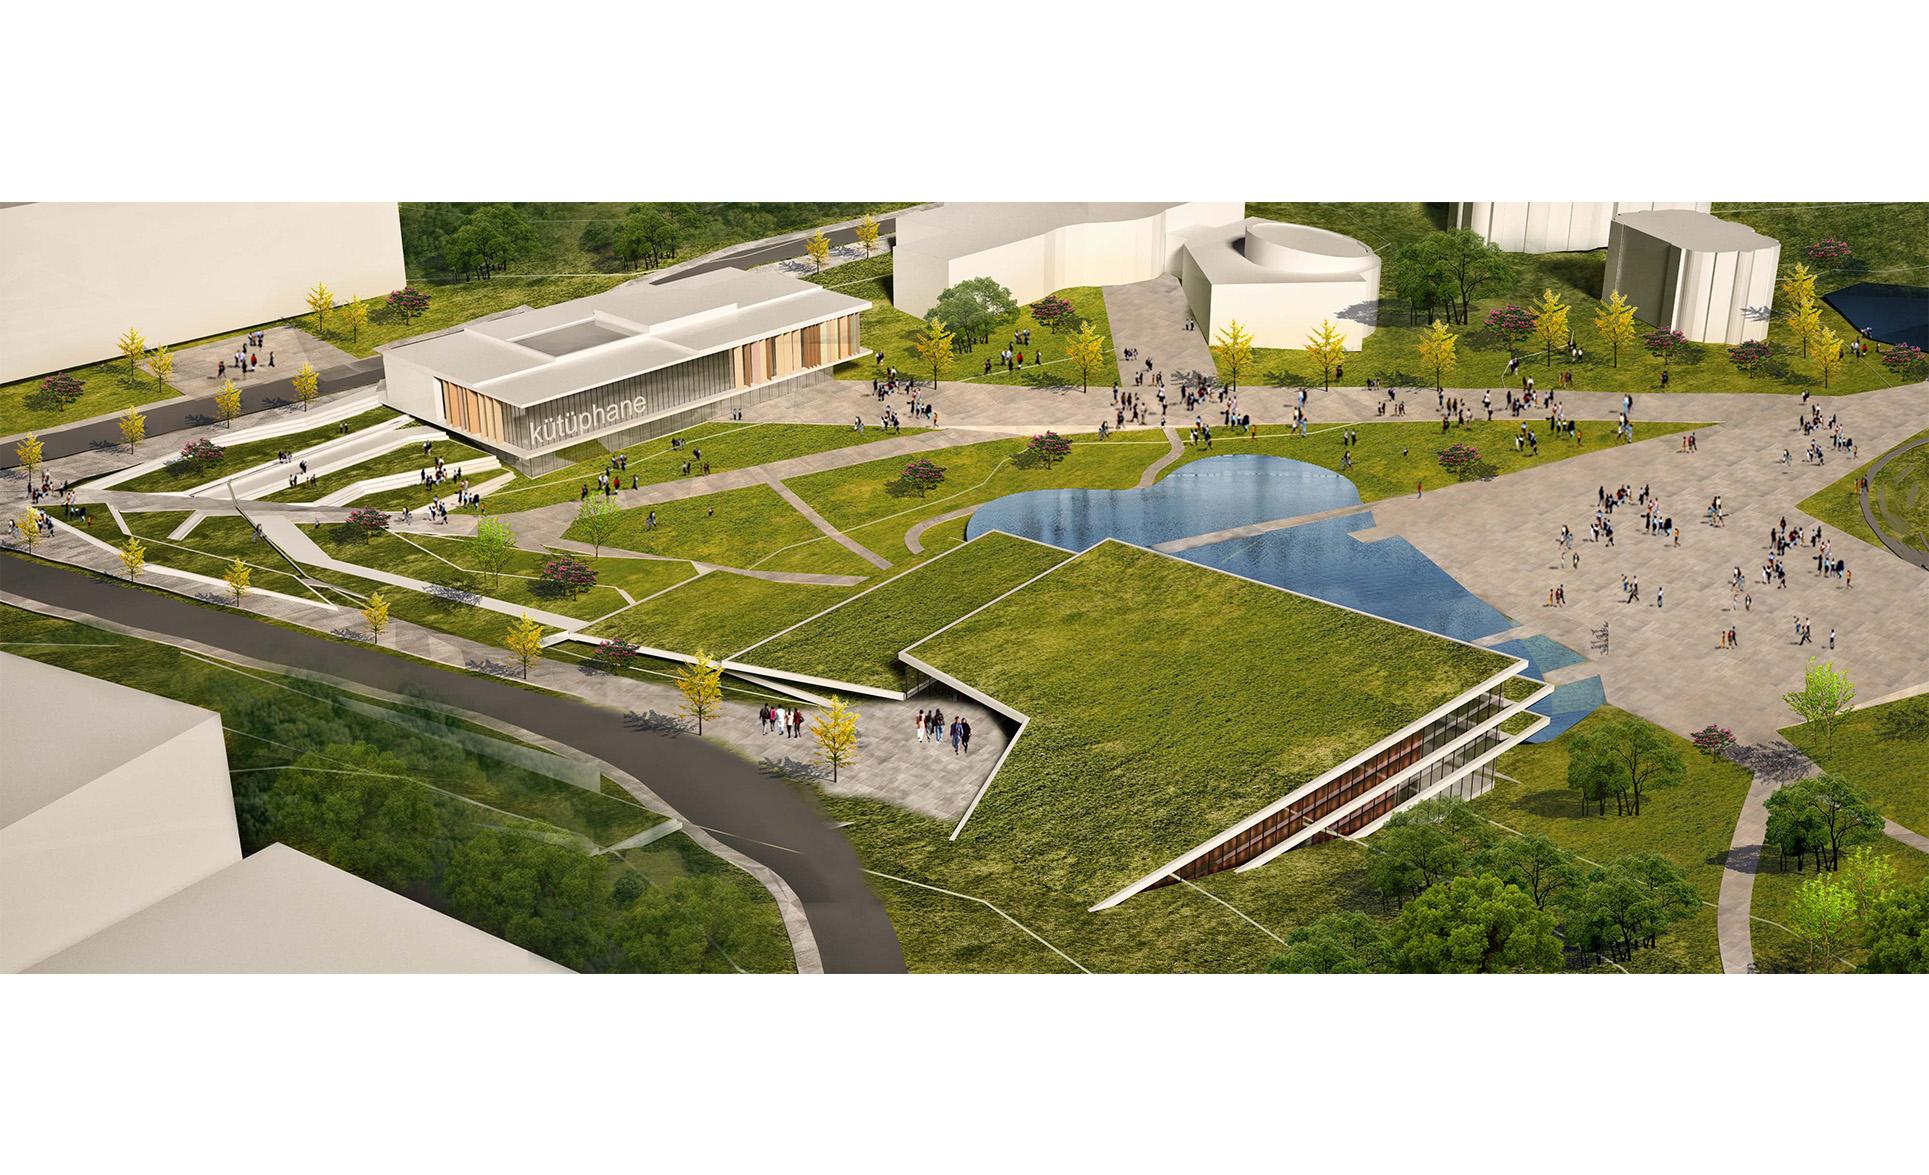 dodofis mimarlık üniversite kentsel tasarım master plan